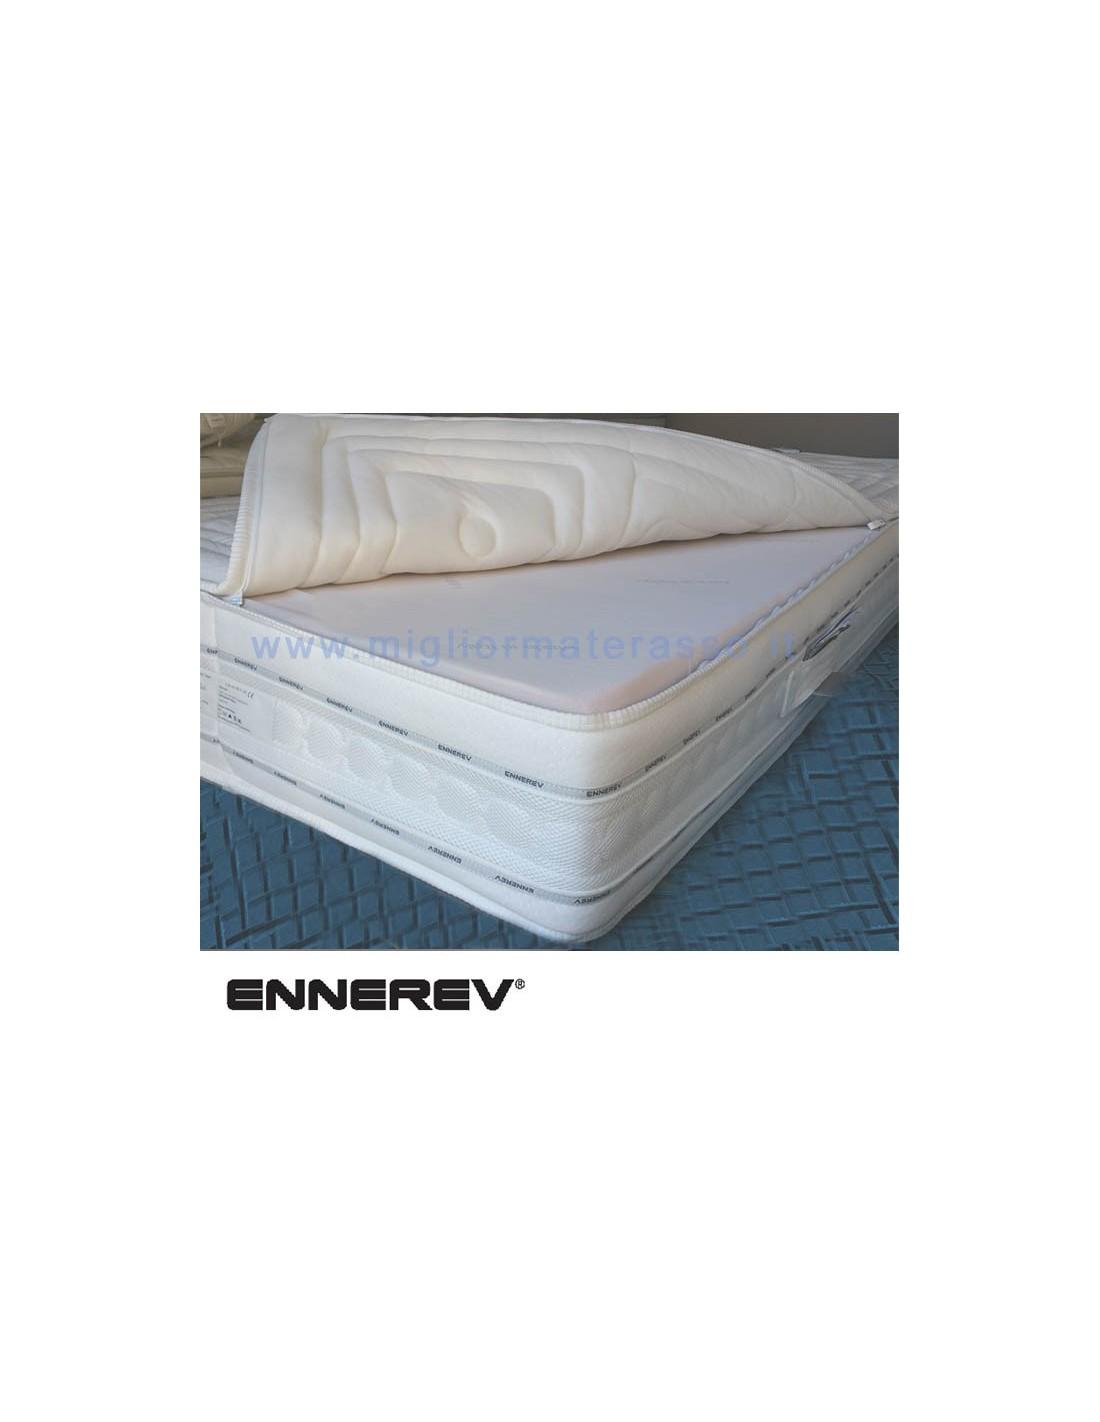 Armonia Ennerev mattress